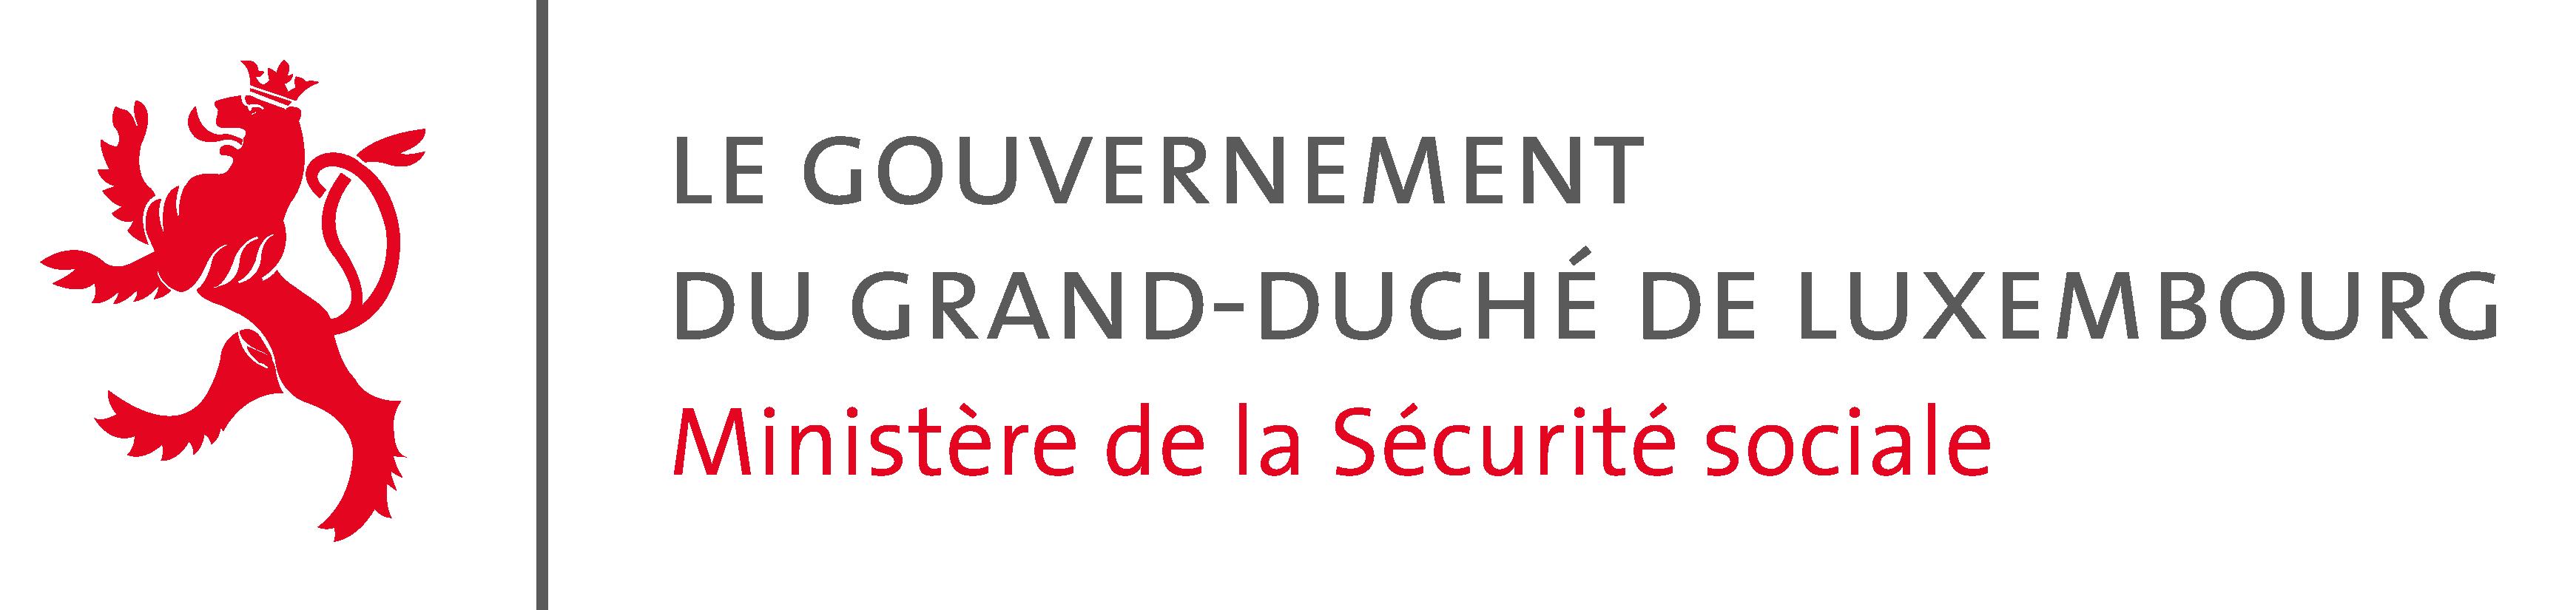 Ministère de la Sécurité sociale